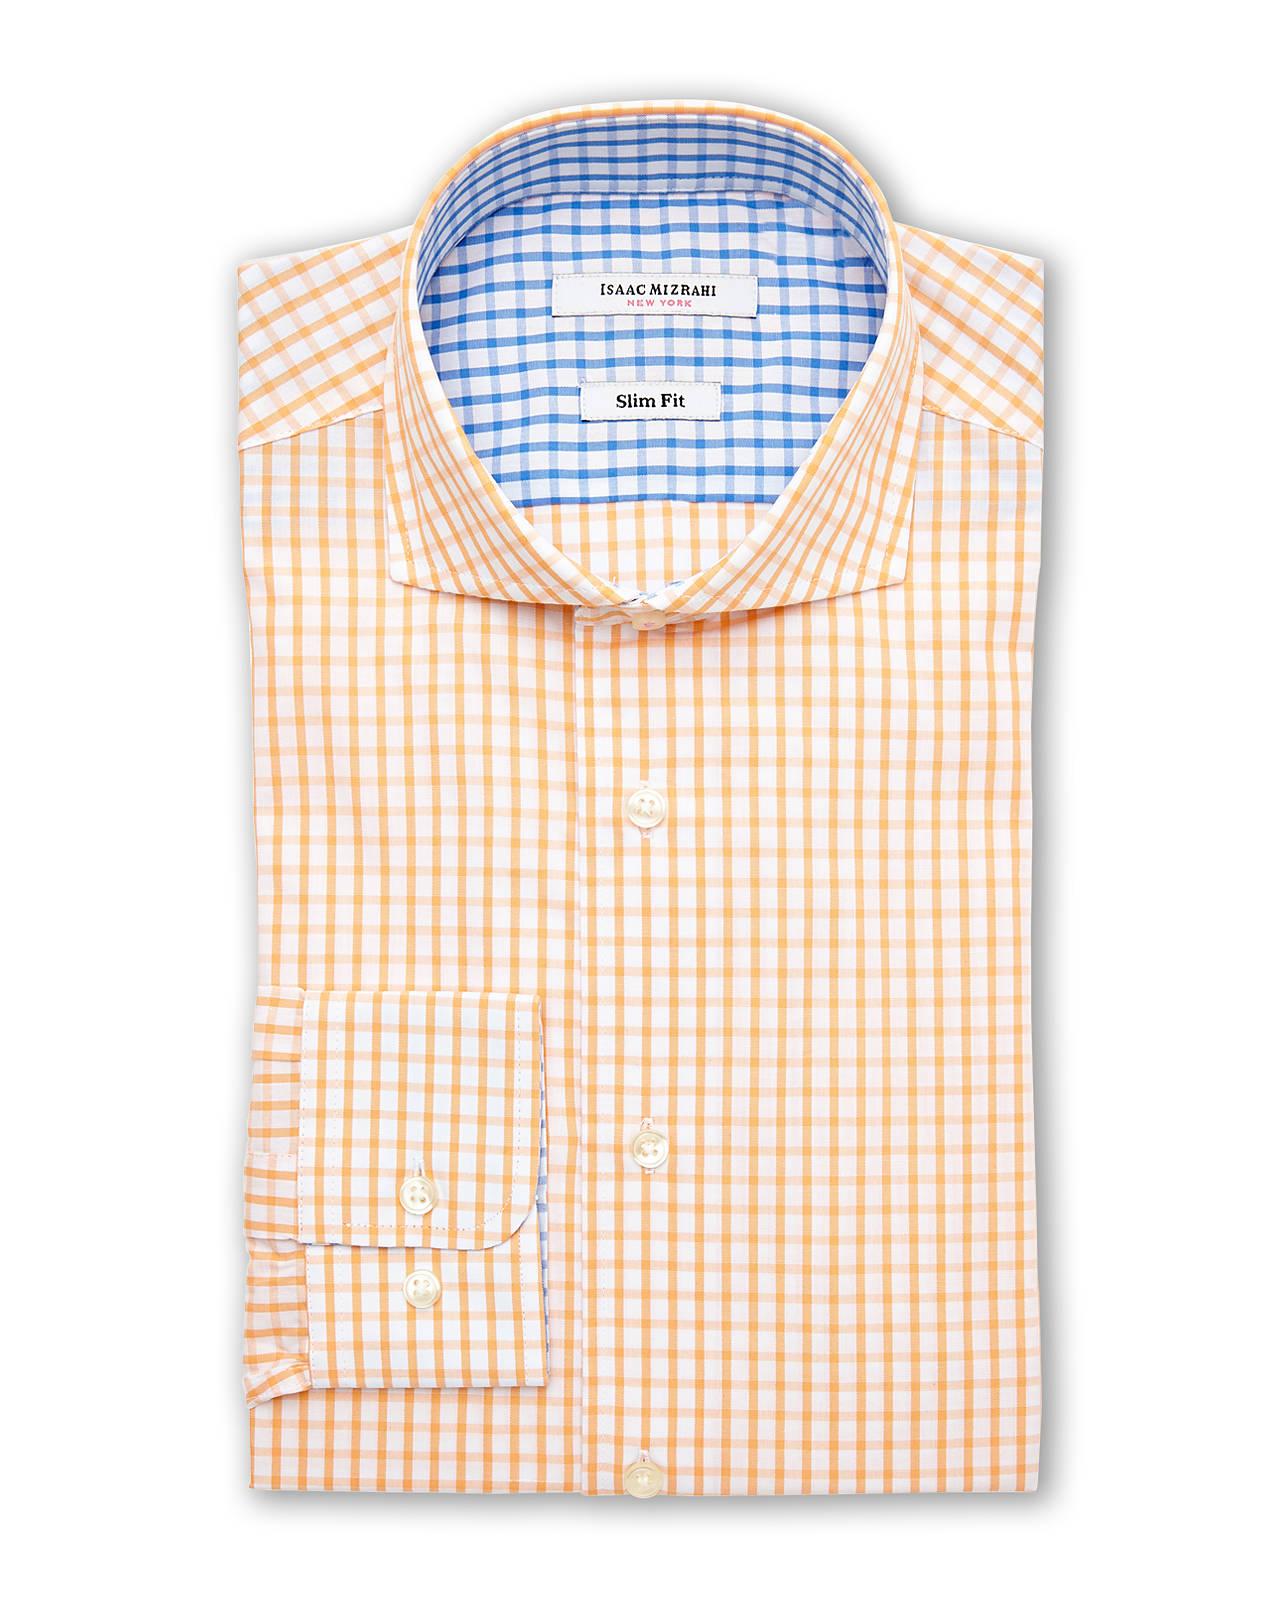 Isaac Mizrahi Mens Dress Shirts